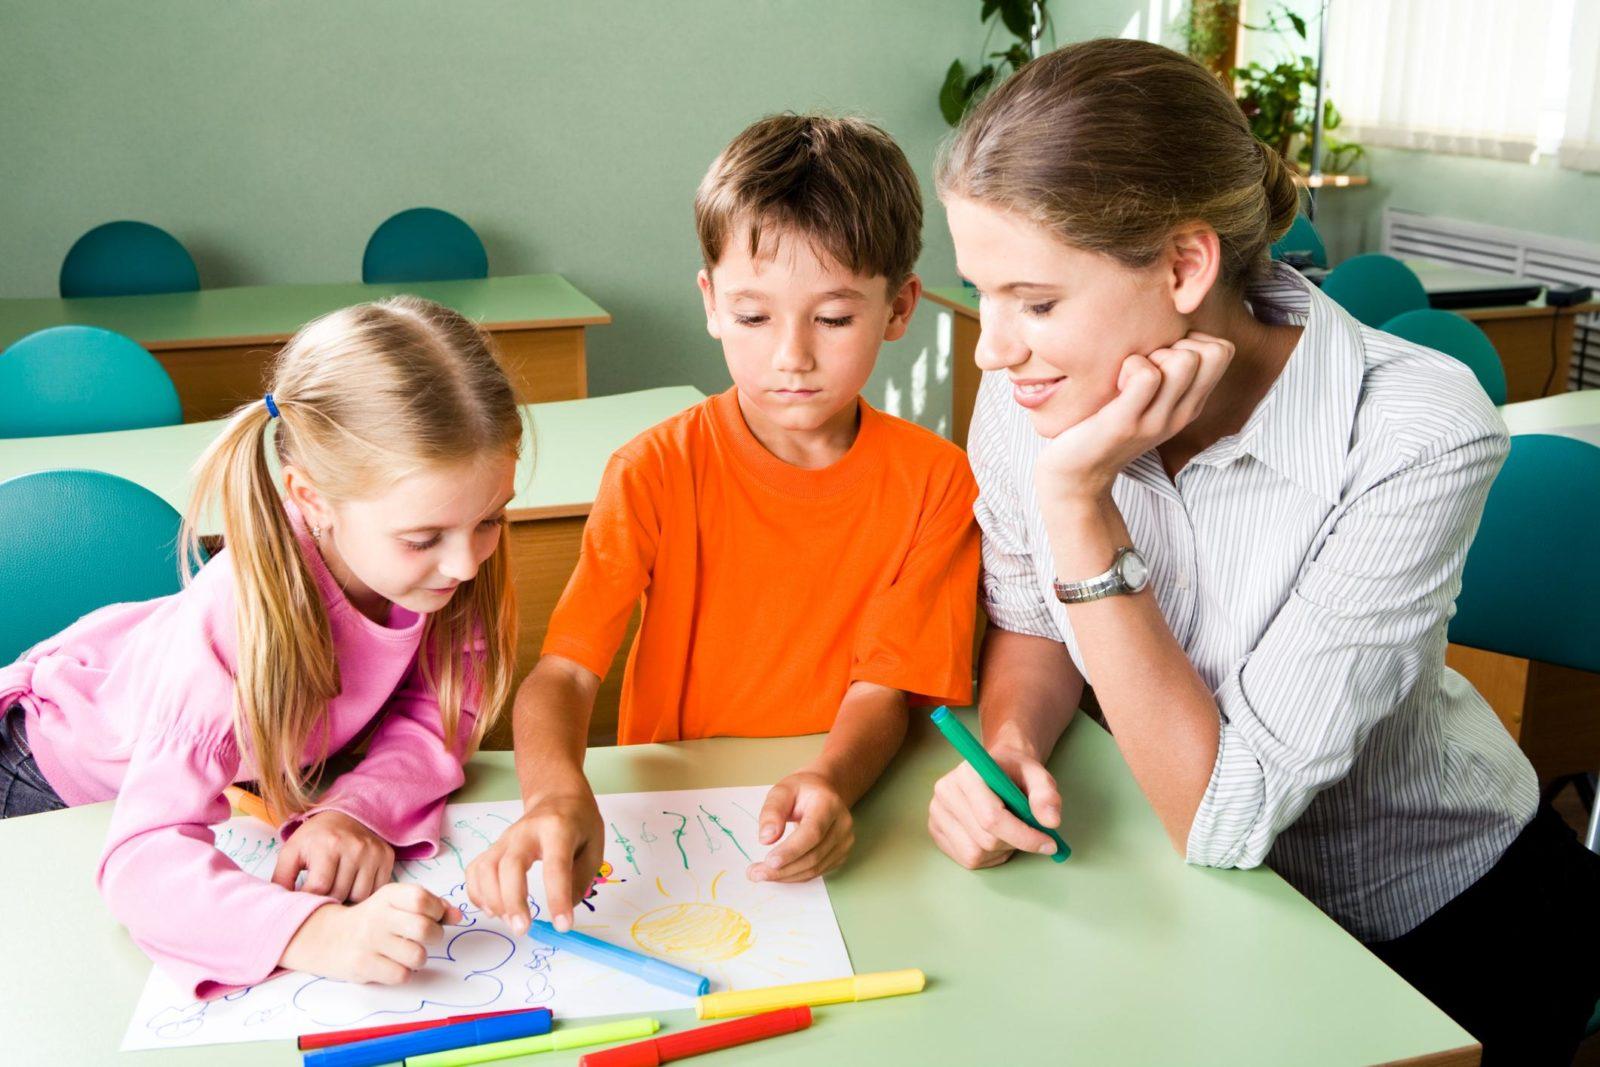 рисую картинка для рабочего стола педагога психолога гадать бобах